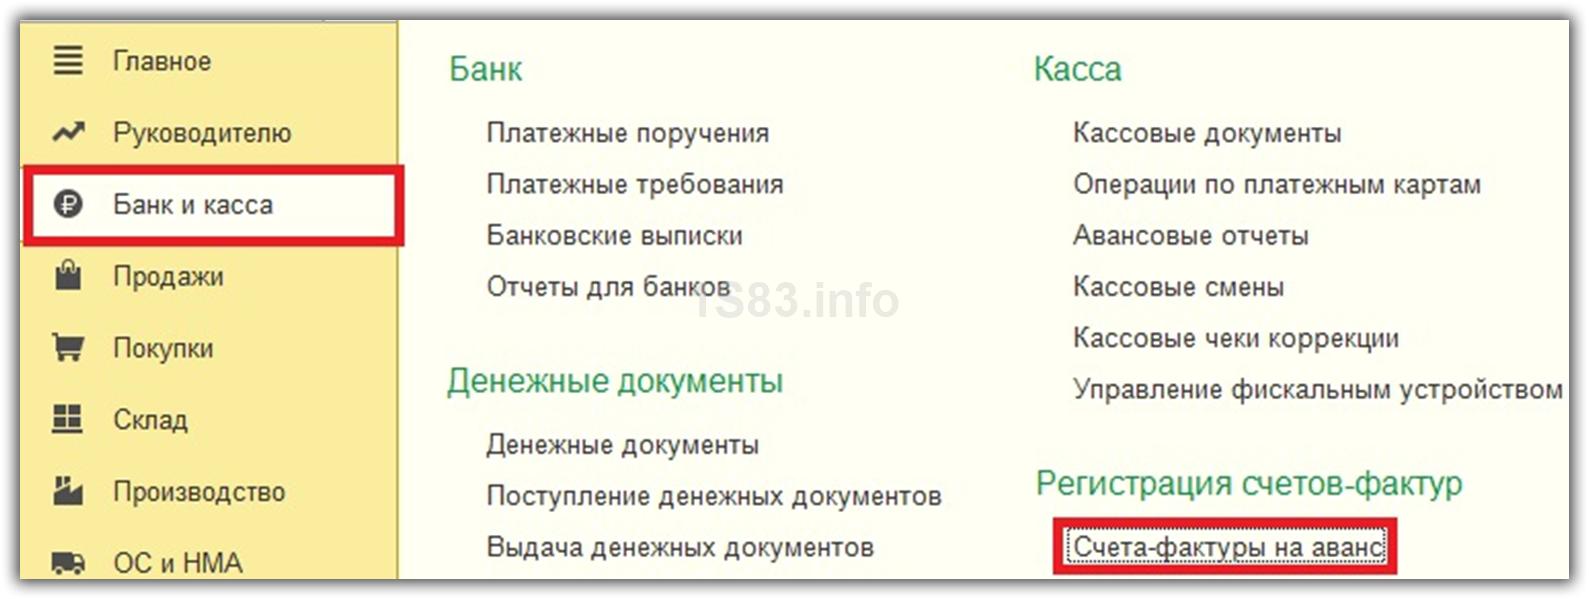 регистрация в 1С 8.3 счета-фактуры на аванс